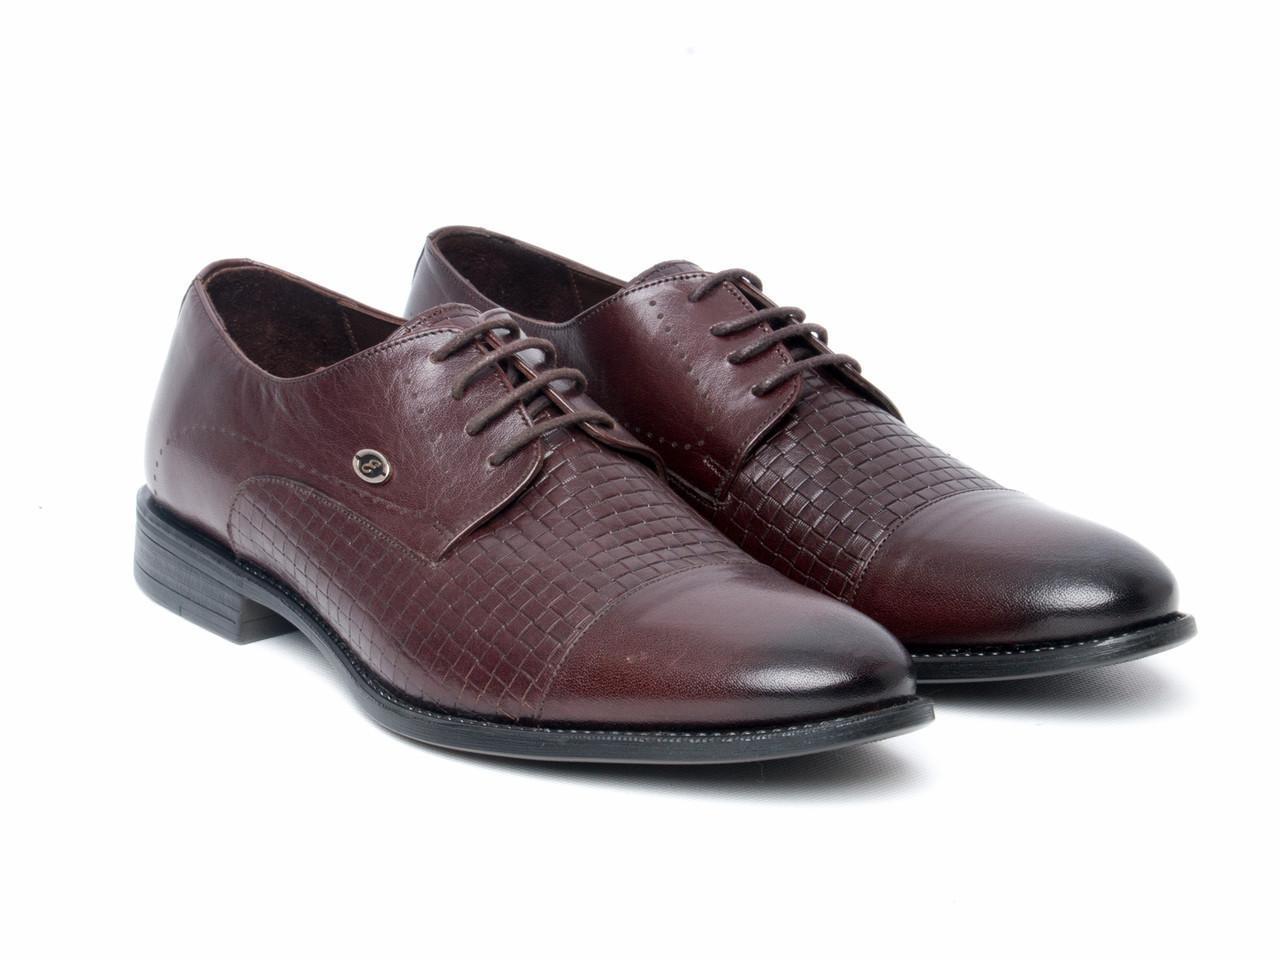 Туфли Etor 13665-7257-363-163 43 коричневые